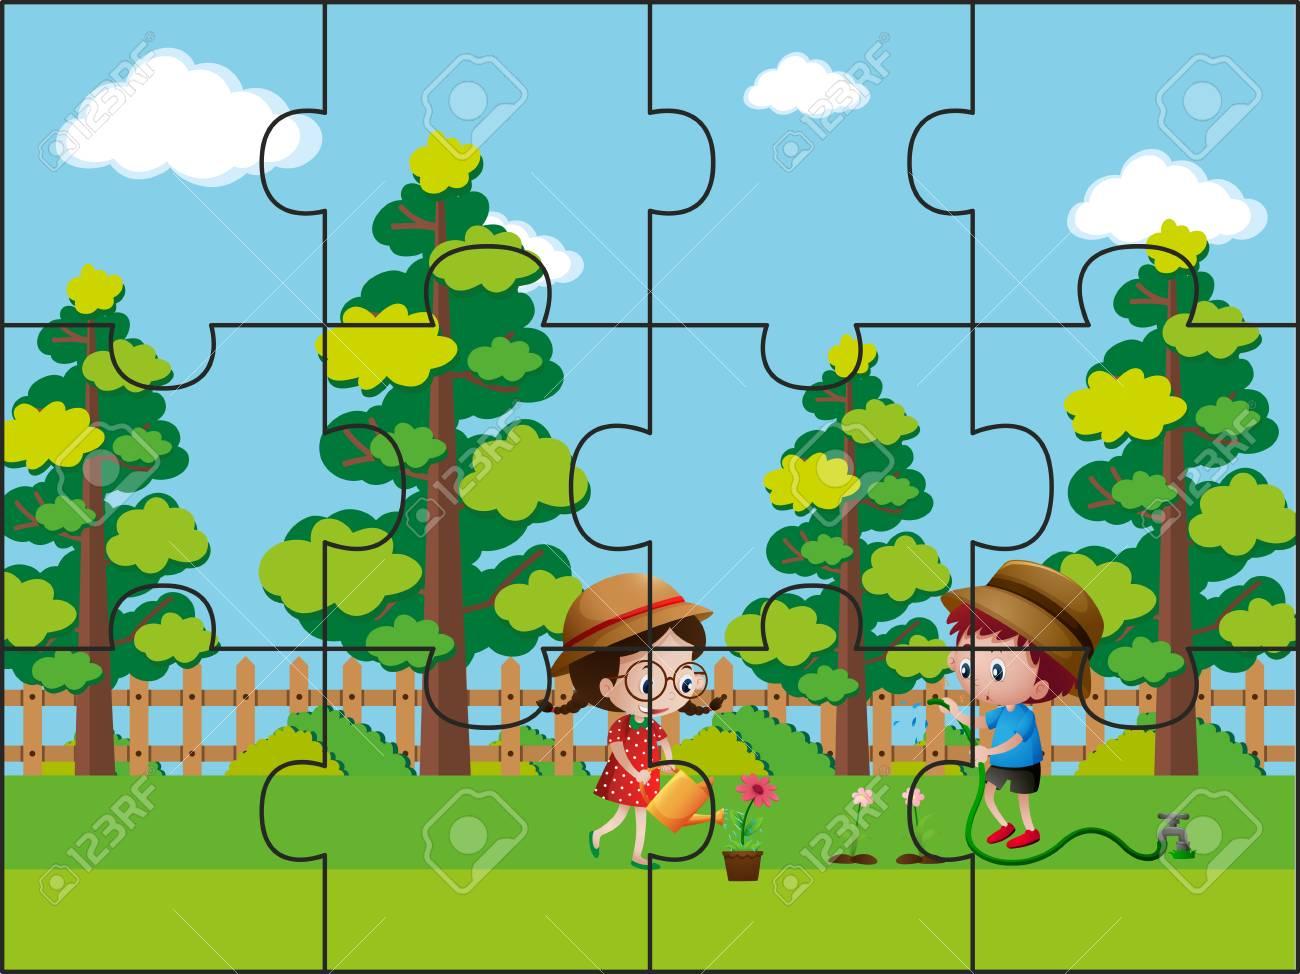 piezas de rompecabezas para niños en la ilustración del parque